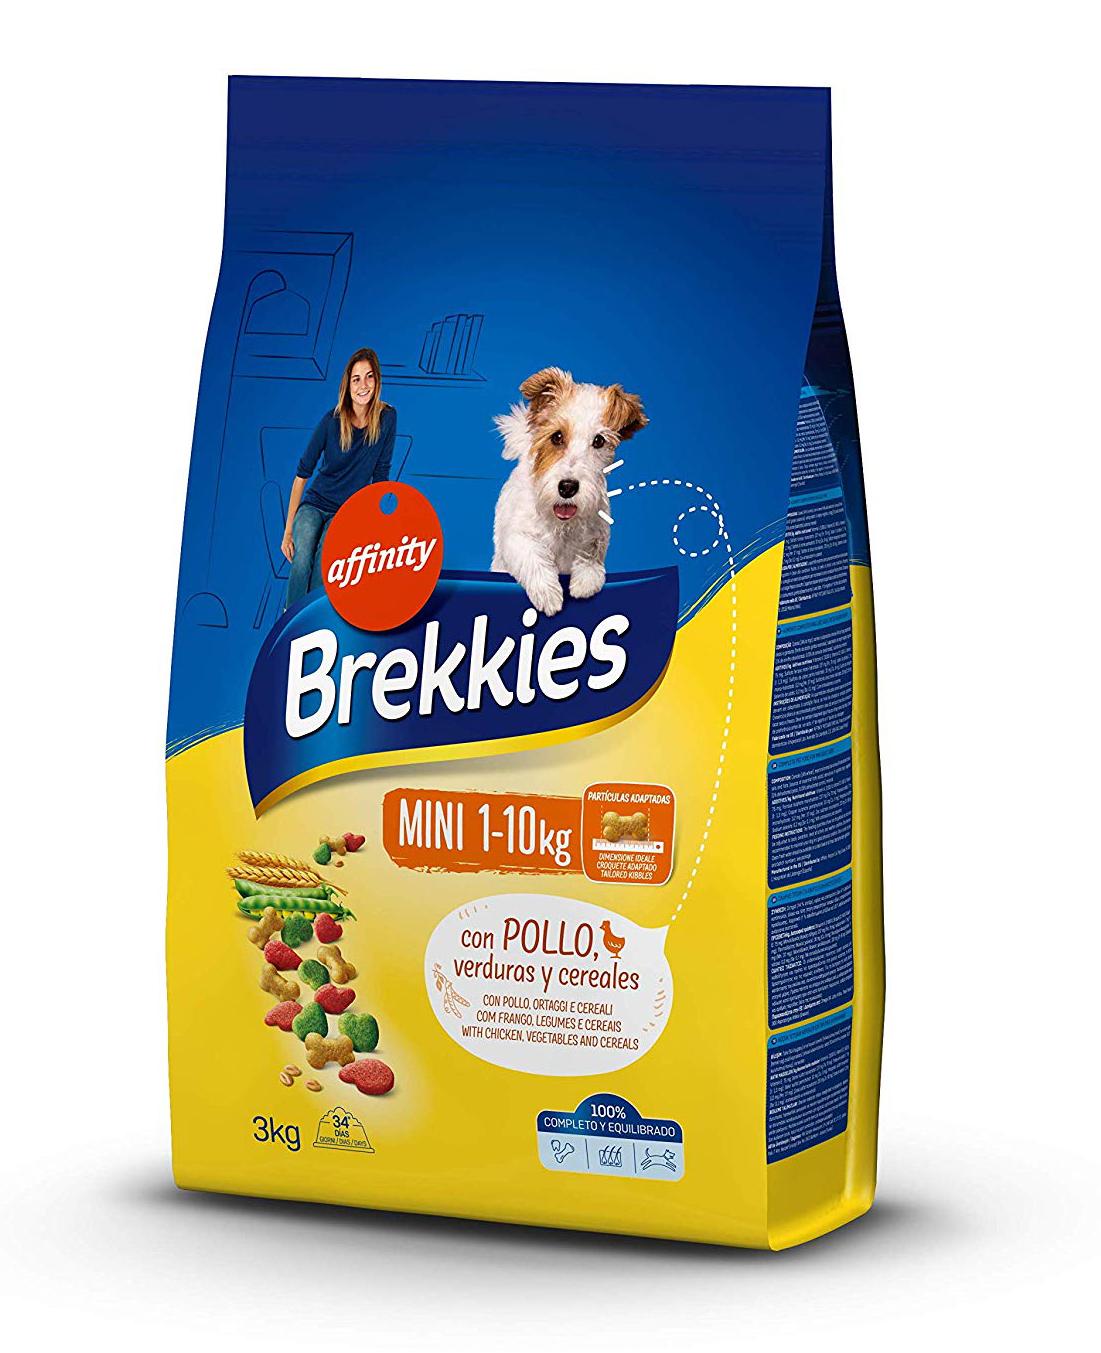 Nuevo Pack Brekkies de Affinity